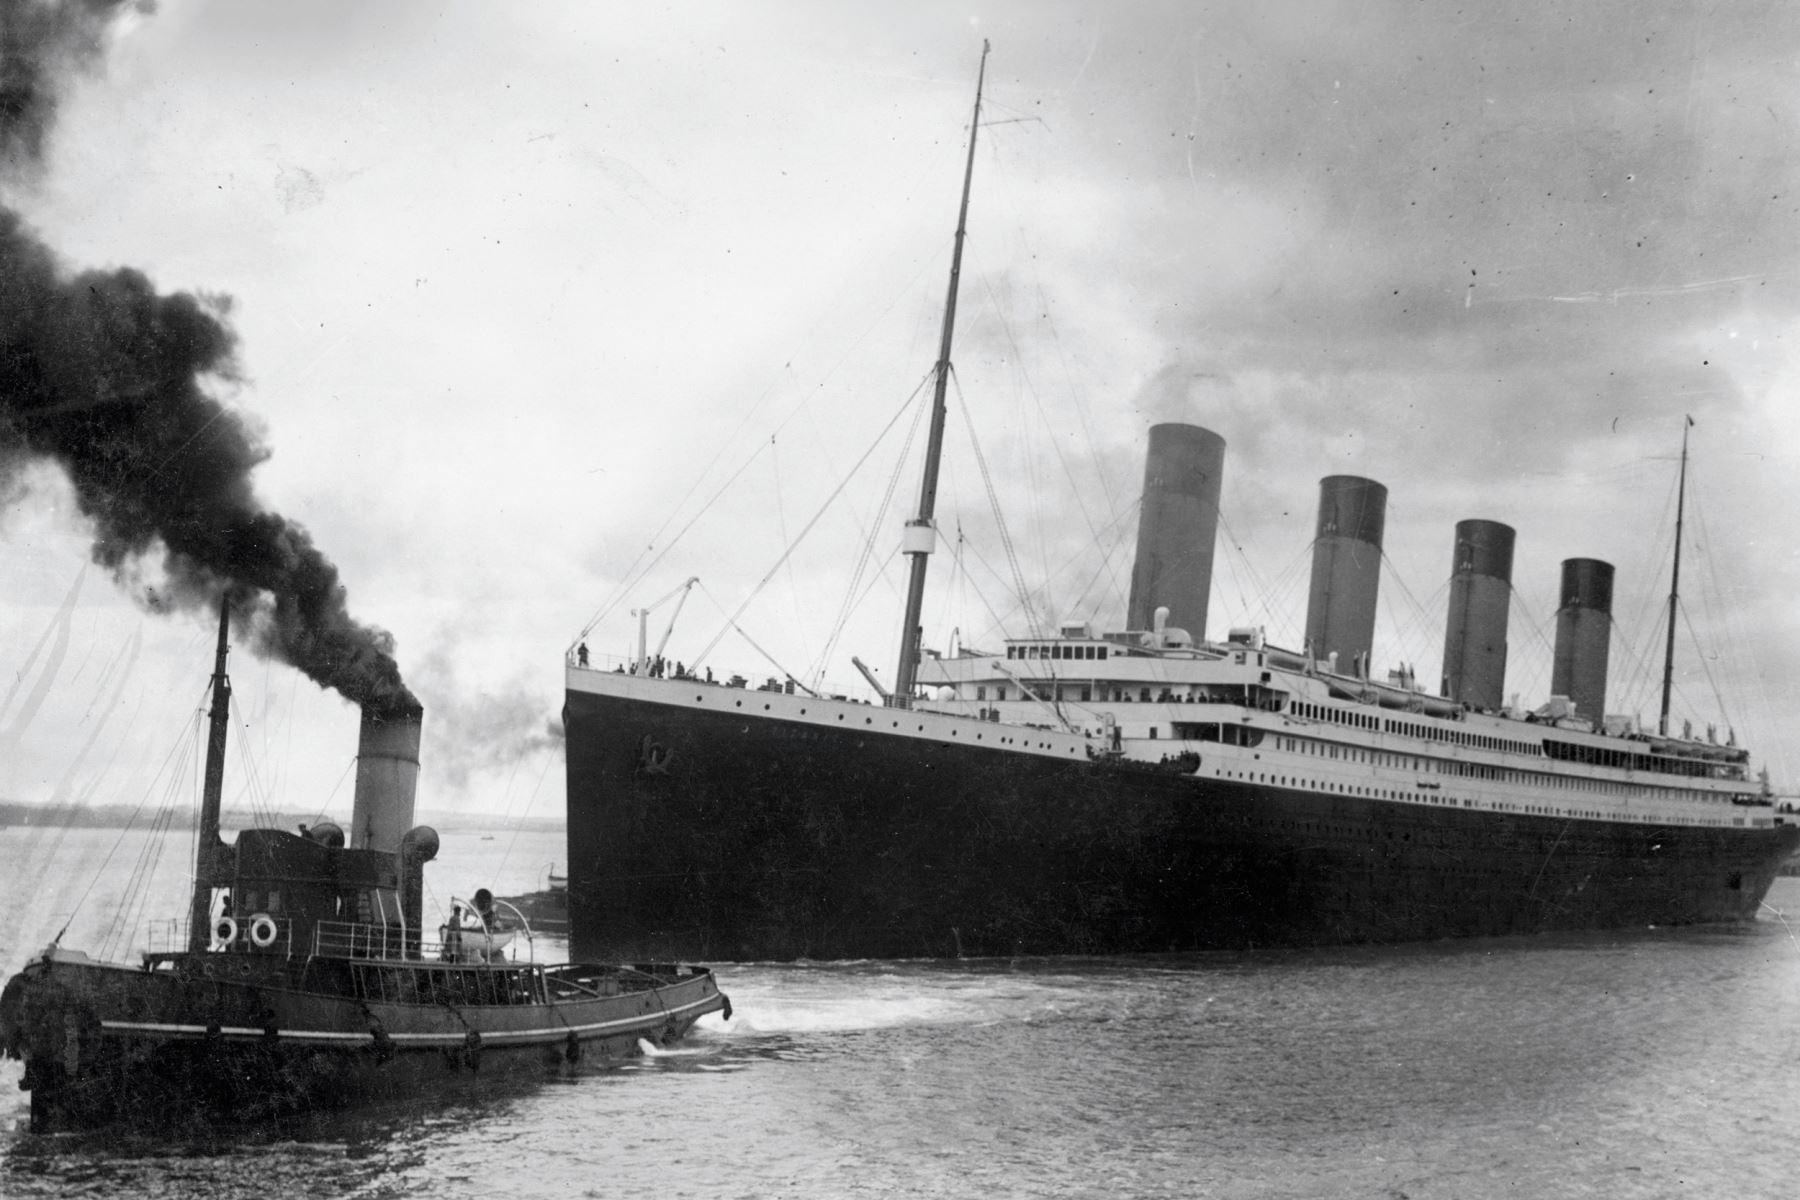 Una foto del folleto recibida del Ayuntamiento de Southampton el 4 de abril de 2012 muestra el Titanic saliendo de Southampton en su desafortunado viaje inaugural el 10 de abril de 1912. Un siglo después desde que el barco más grande jamás construido se hundió en el fondo deL mar. AFP